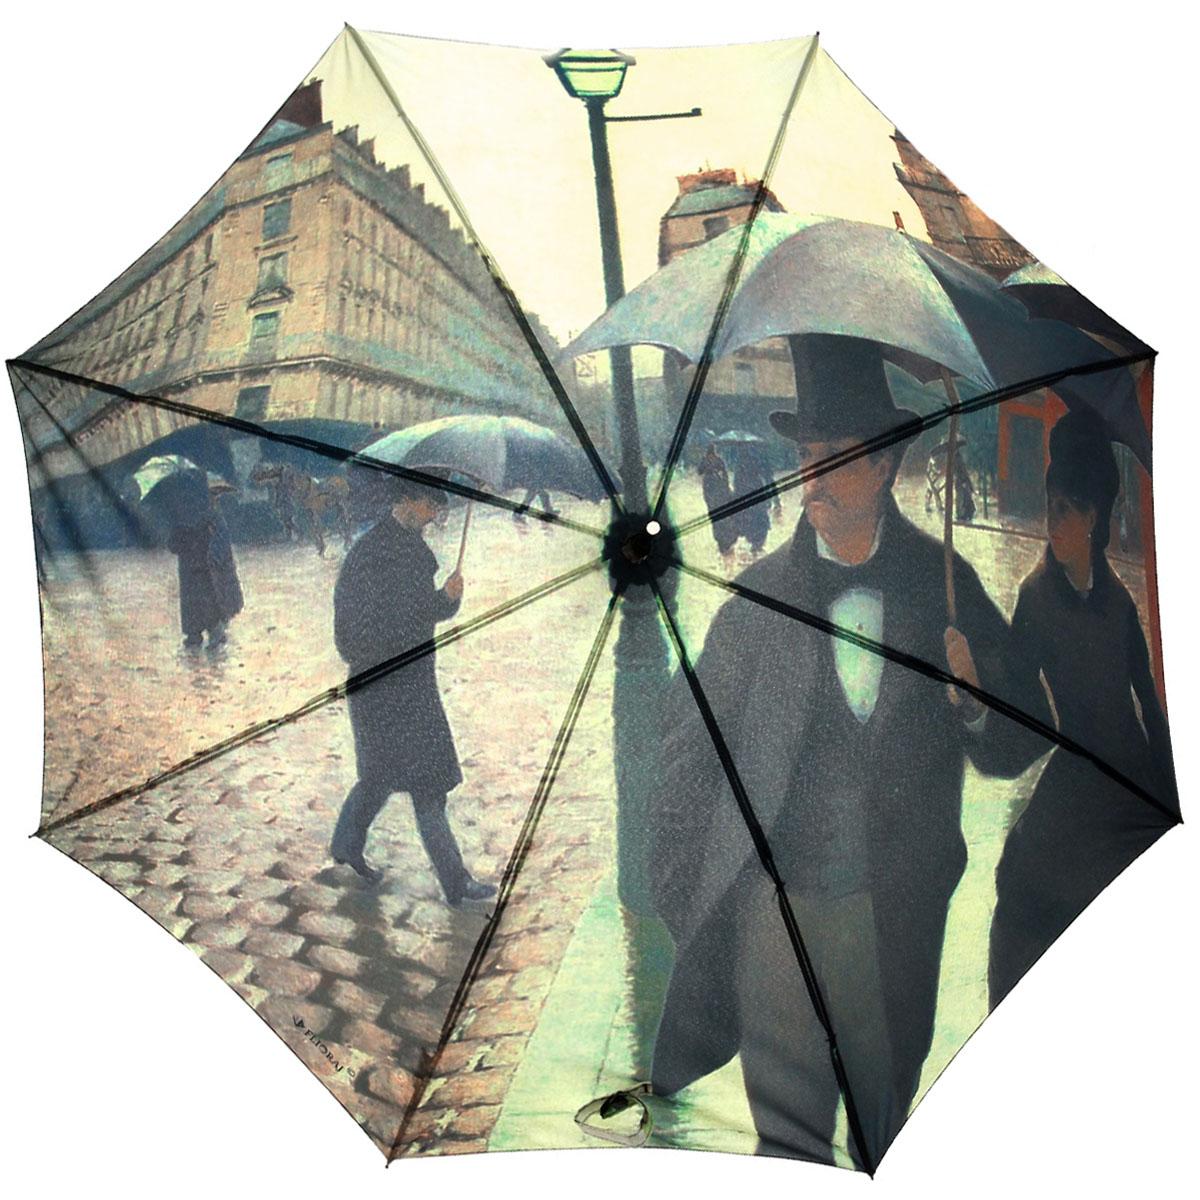 Зонт-трость Flioraj Парижская улица012-12 FJЭлегантный полуавтоматический зонт-трость Flioraj Парижская улица. Дождь даже в ненастную погоду позволит вам подчеркнуть свою индивидуальность. Каркас зонта из анодированной стали состоит из восьми карбоновых спиц, а рукоятка закругленной формы разработана с учетом требований эргономики и покрыта искусственной кожей. Зонт снабжен системой Антиветер. Зонт имеет полуавтоматический механизм сложения: купол открывается нажатием кнопки на рукоятке, а закрывается вручную до характерного щелчка. Купол зонта выполнен из прочного полиэстера с тефлоновой пропиткой и оформлен оригинальным изображением по мотивам картины французского художника Гюстава Кайботта Парижская улица в дождливую погоду или Парижская улица. Дождь. Закрытый купол фиксируется хлястиком на кнопке. Такой зонт не только надежно защитит вас от дождя, но и станет стильным аксессуаром.